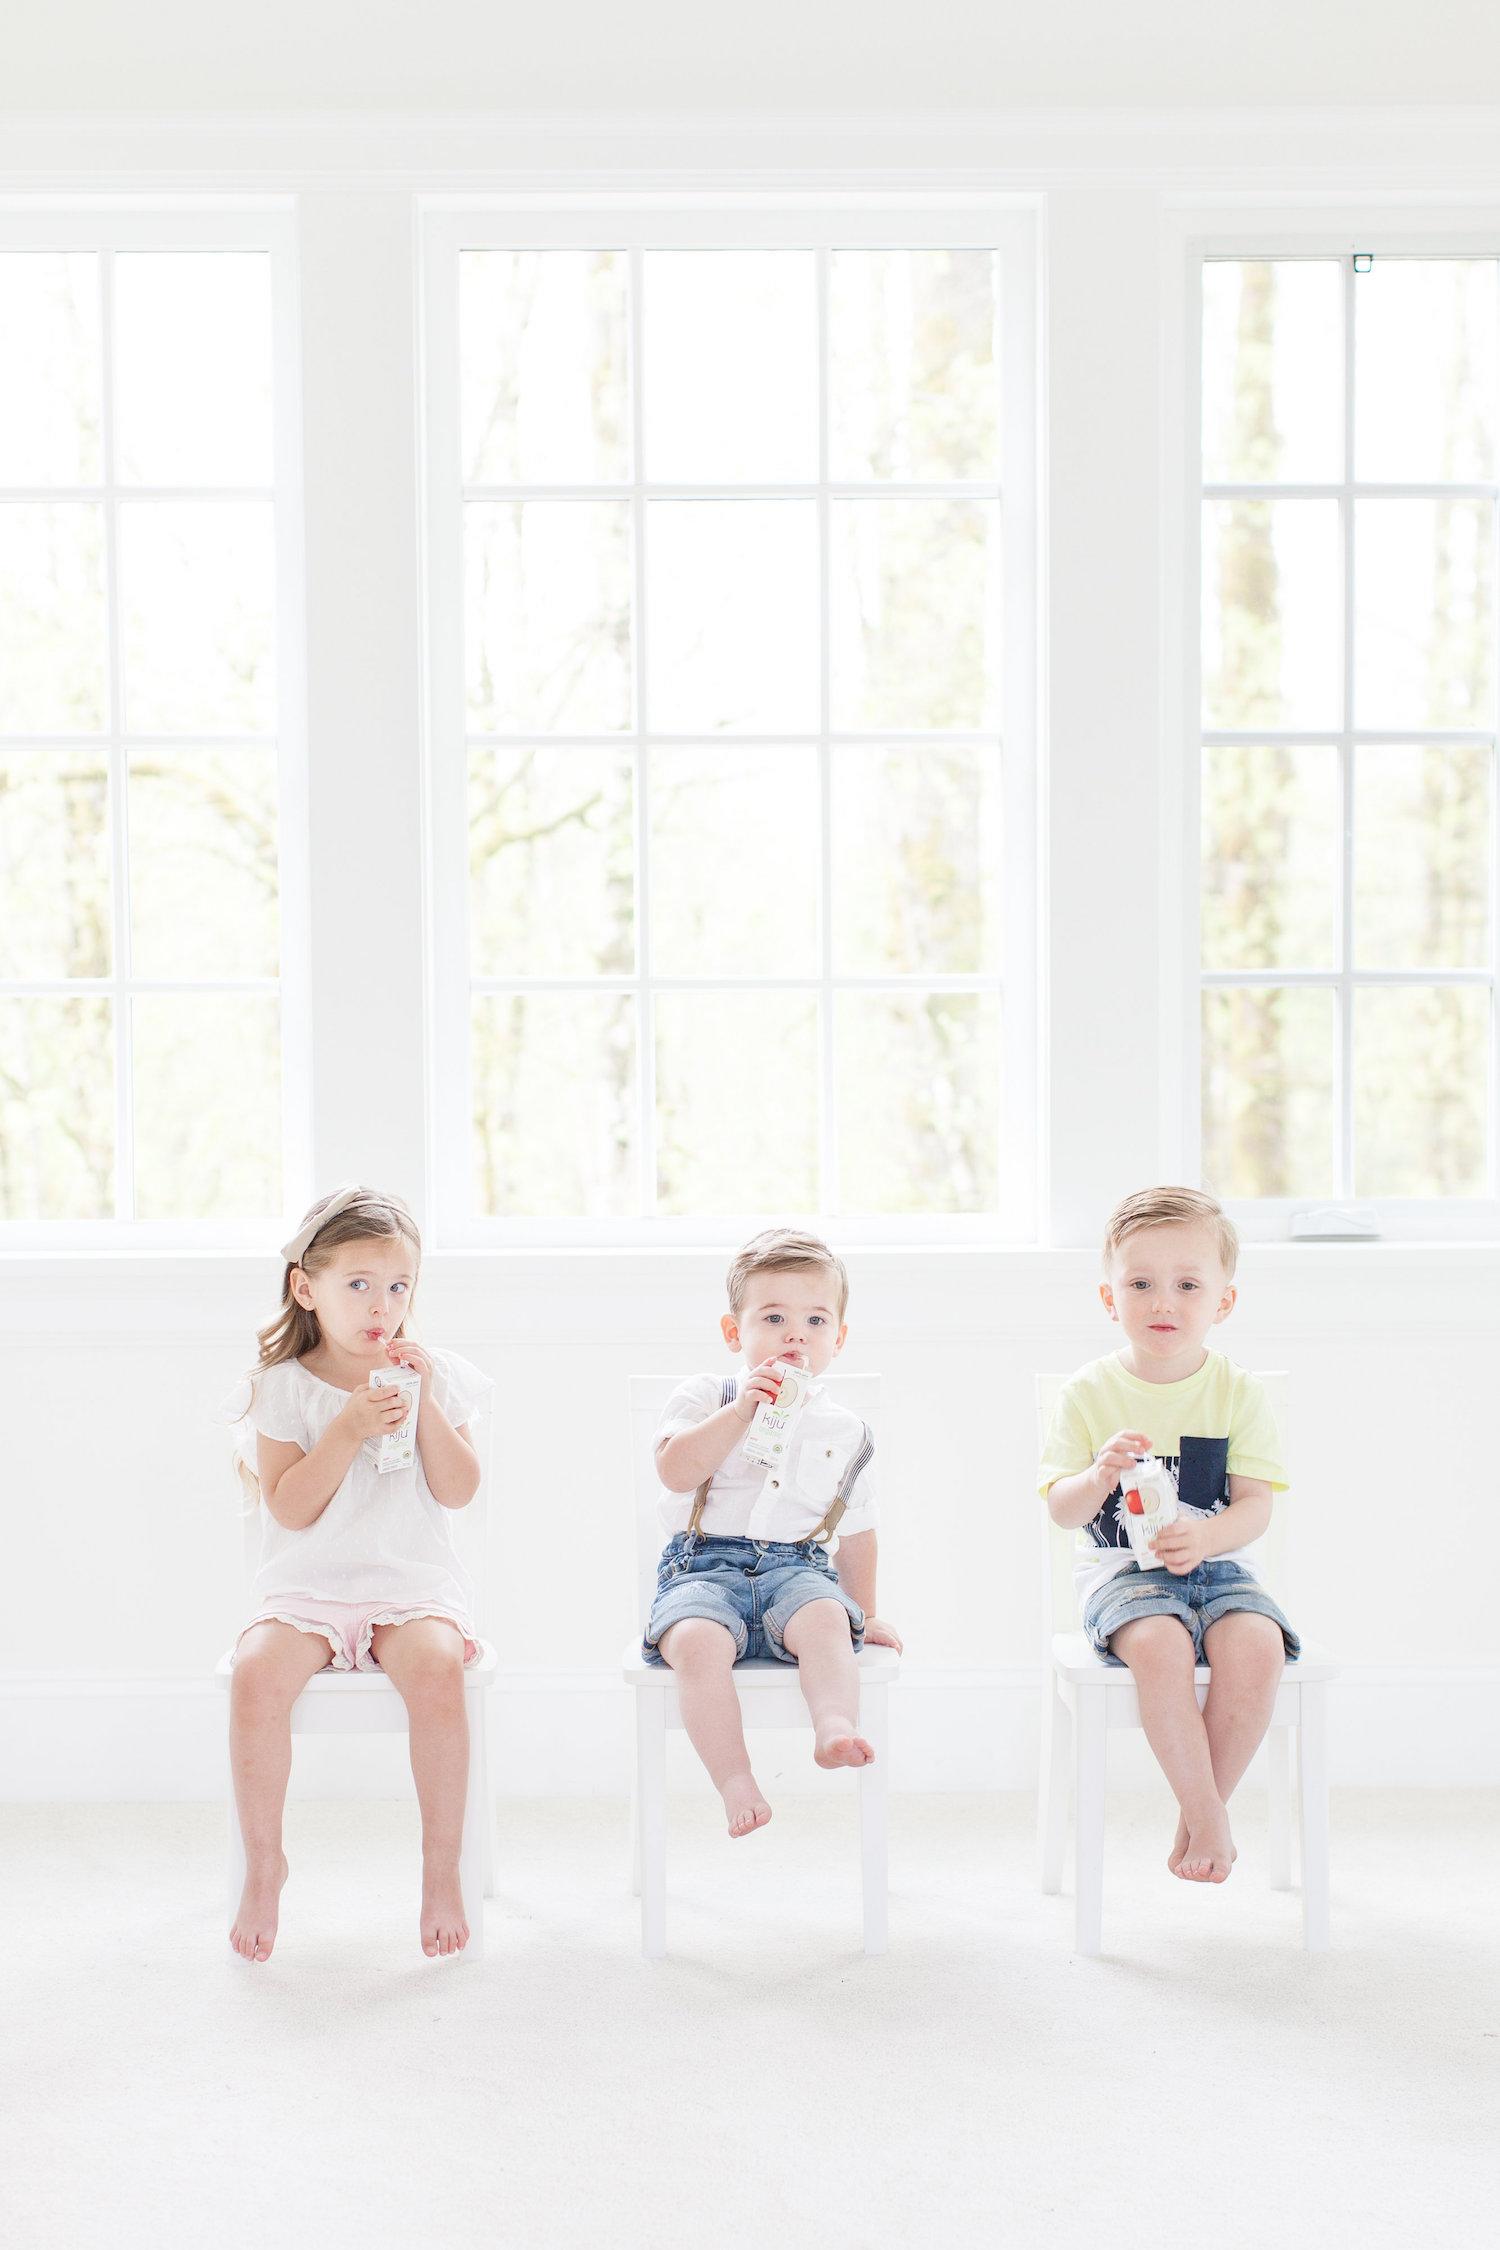 H&M kids spring summer fashion monika hibbs